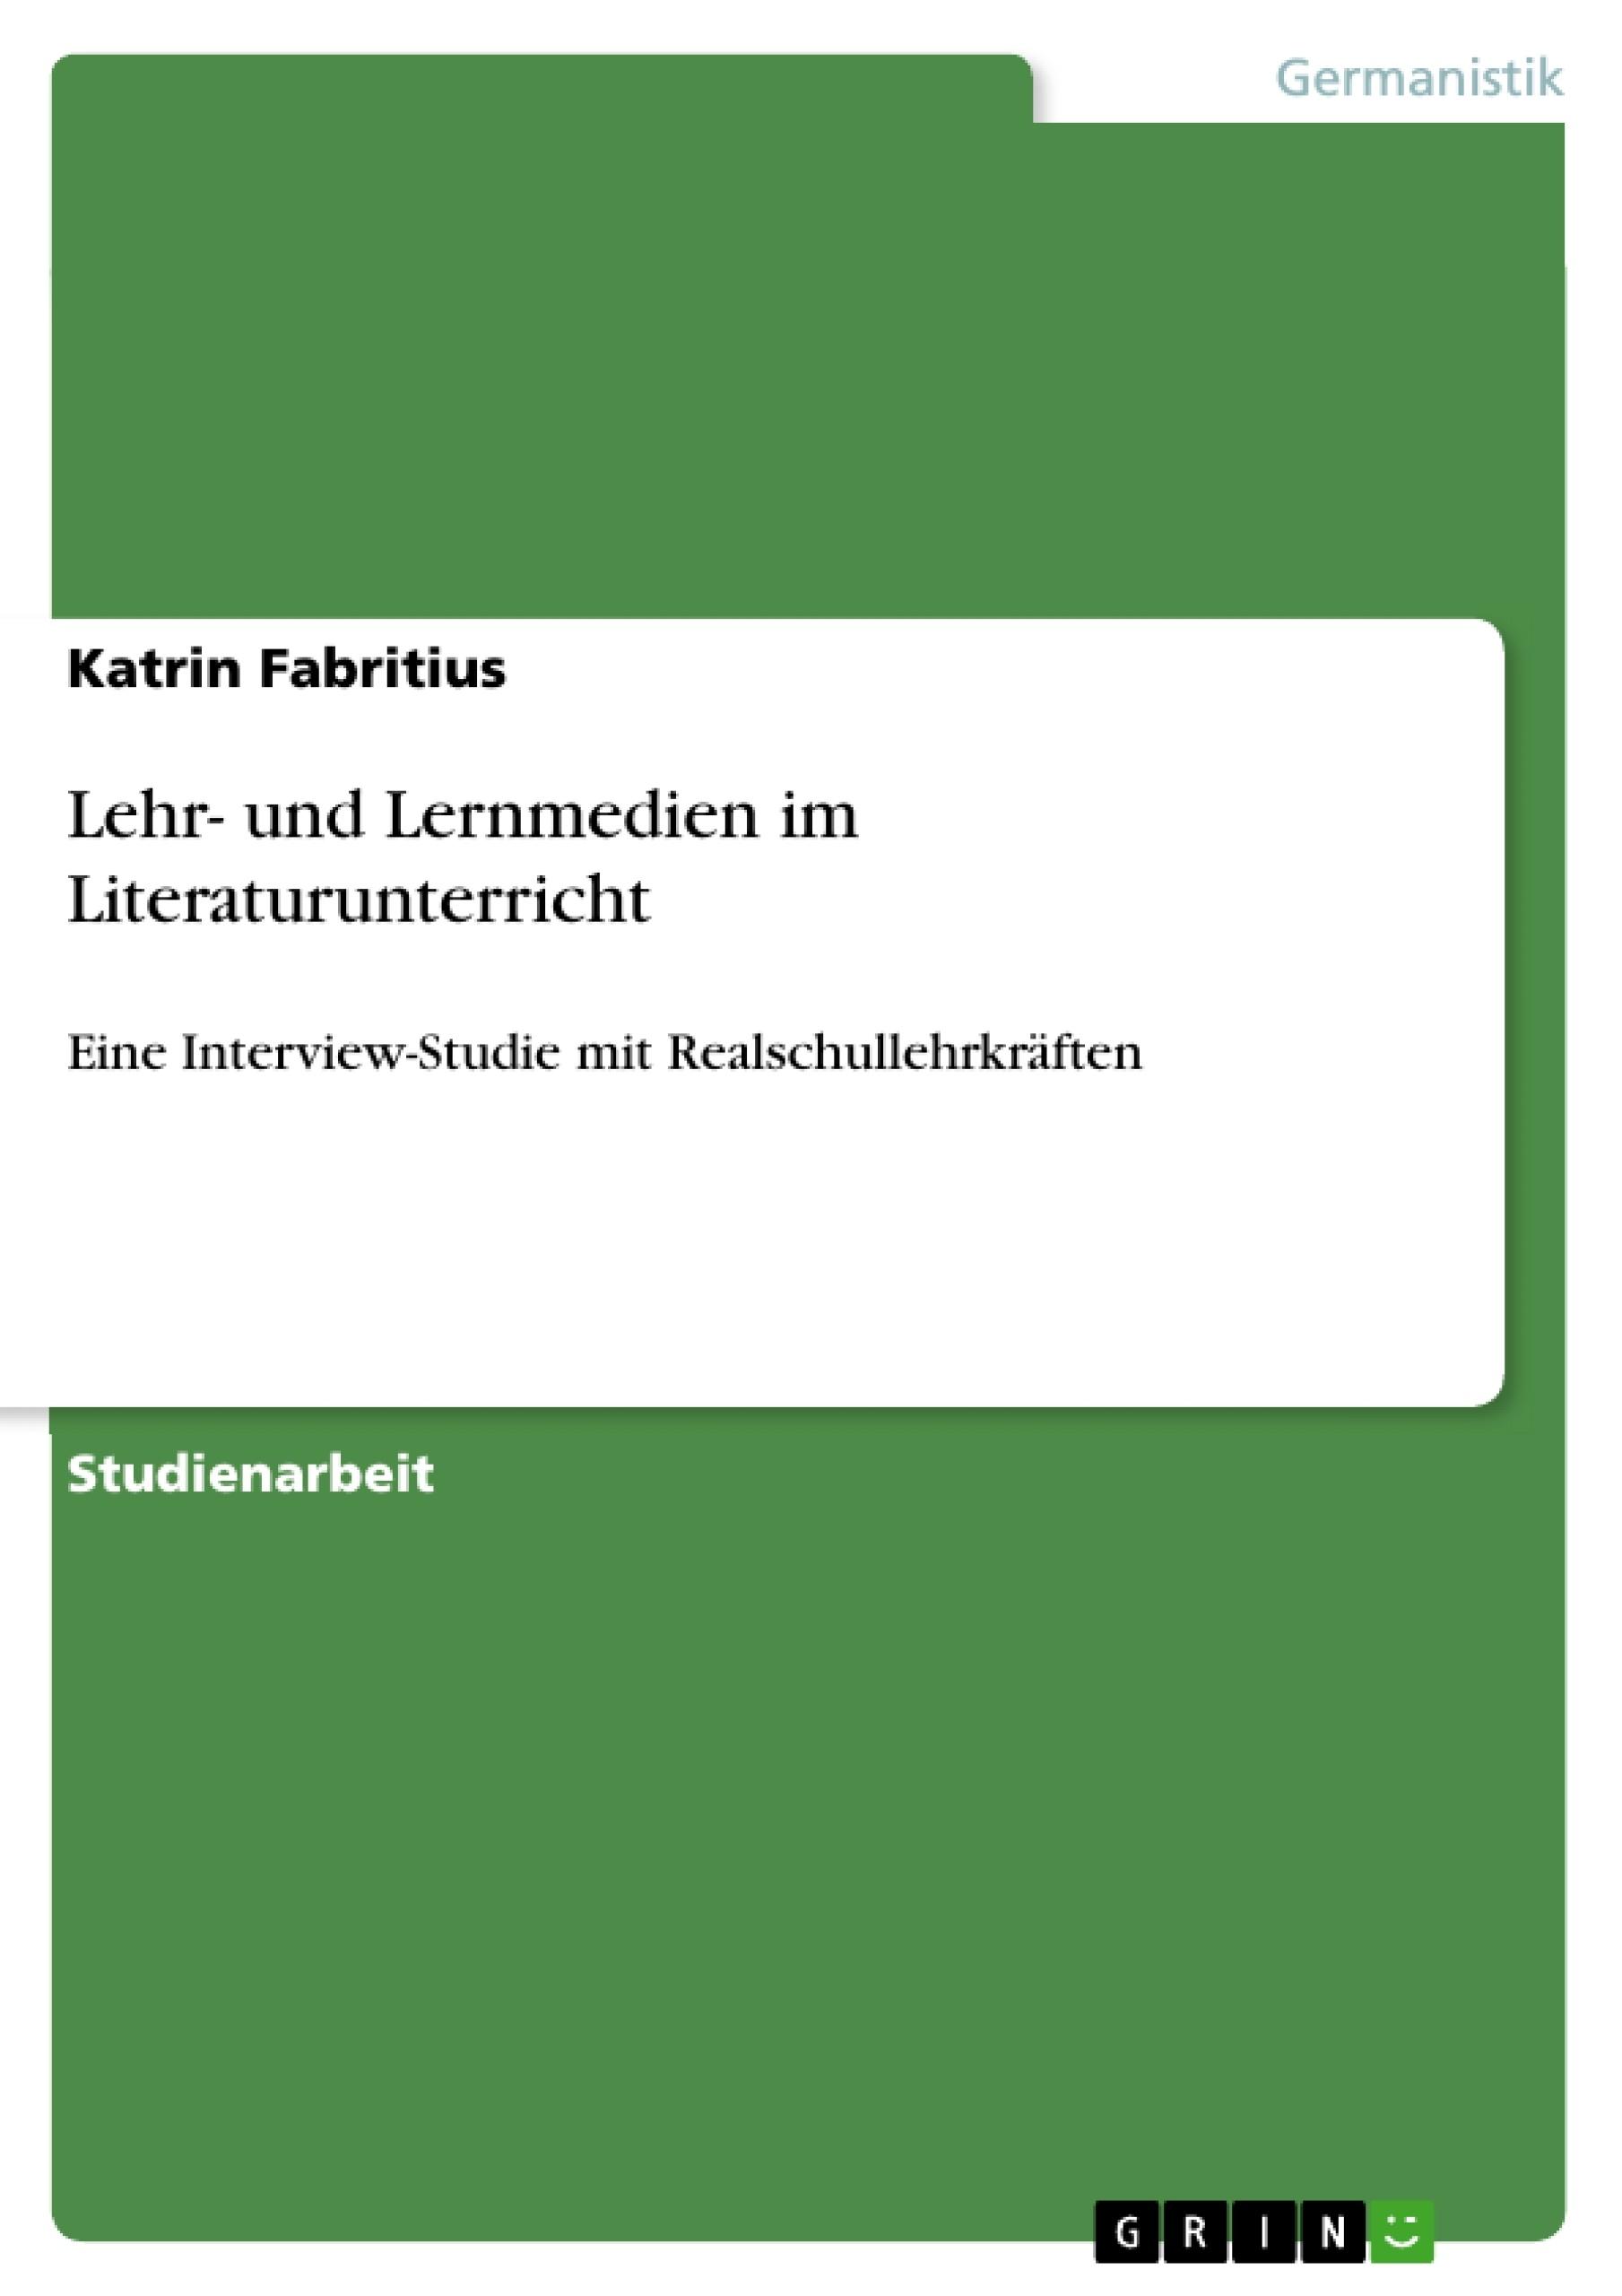 Titel: Lehr- und Lernmedien im Literaturunterricht